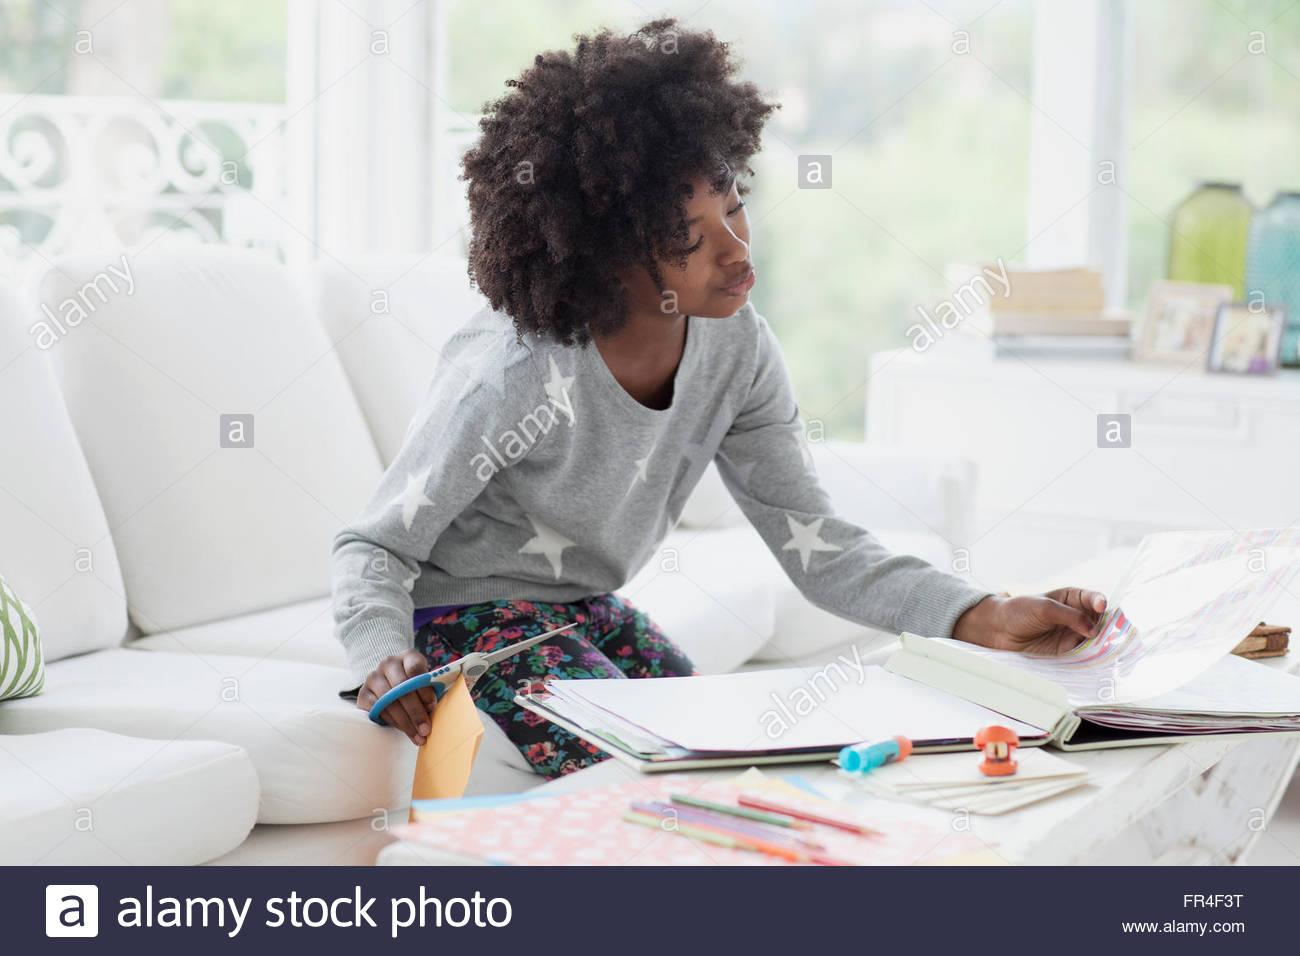 preteen girl working on scrapbook - Stock Image